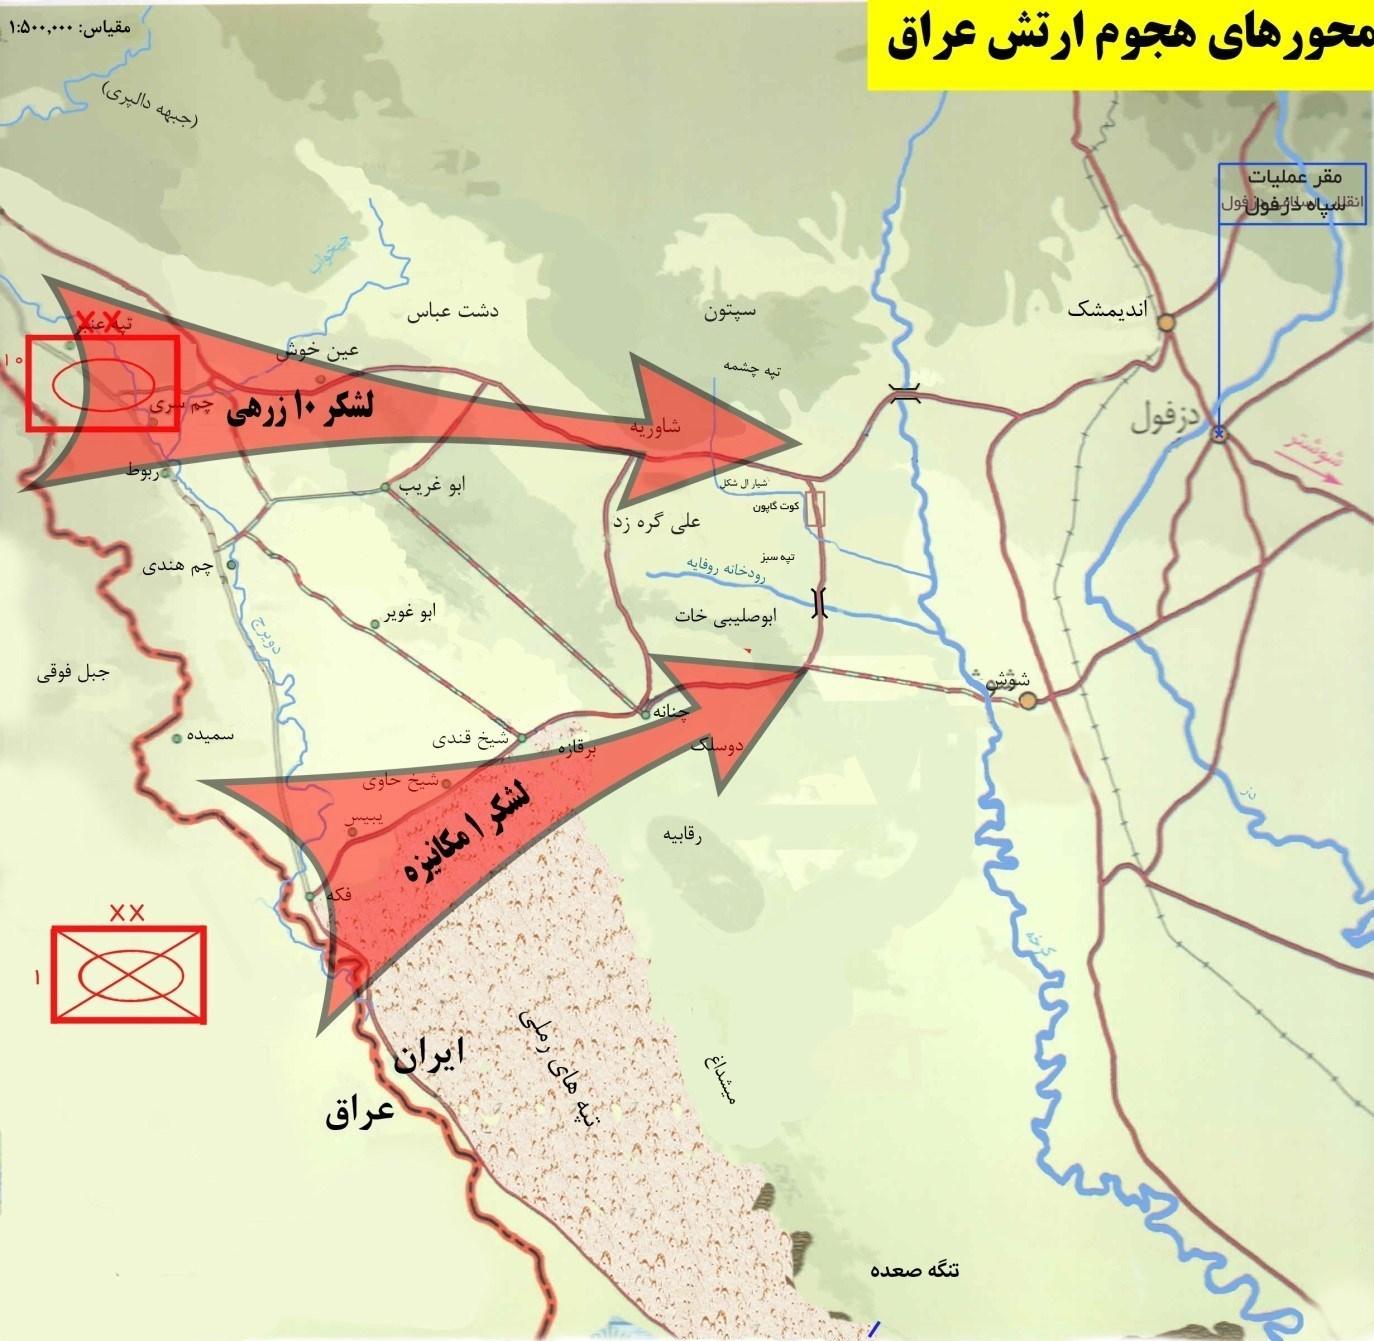 هفته دفاع مقدس , کشور عراق , شهدای دفاع مقدس , امام خمینی(ره) , لانه جاسوسی , سنای آمریکا , پژوهشگاه ,